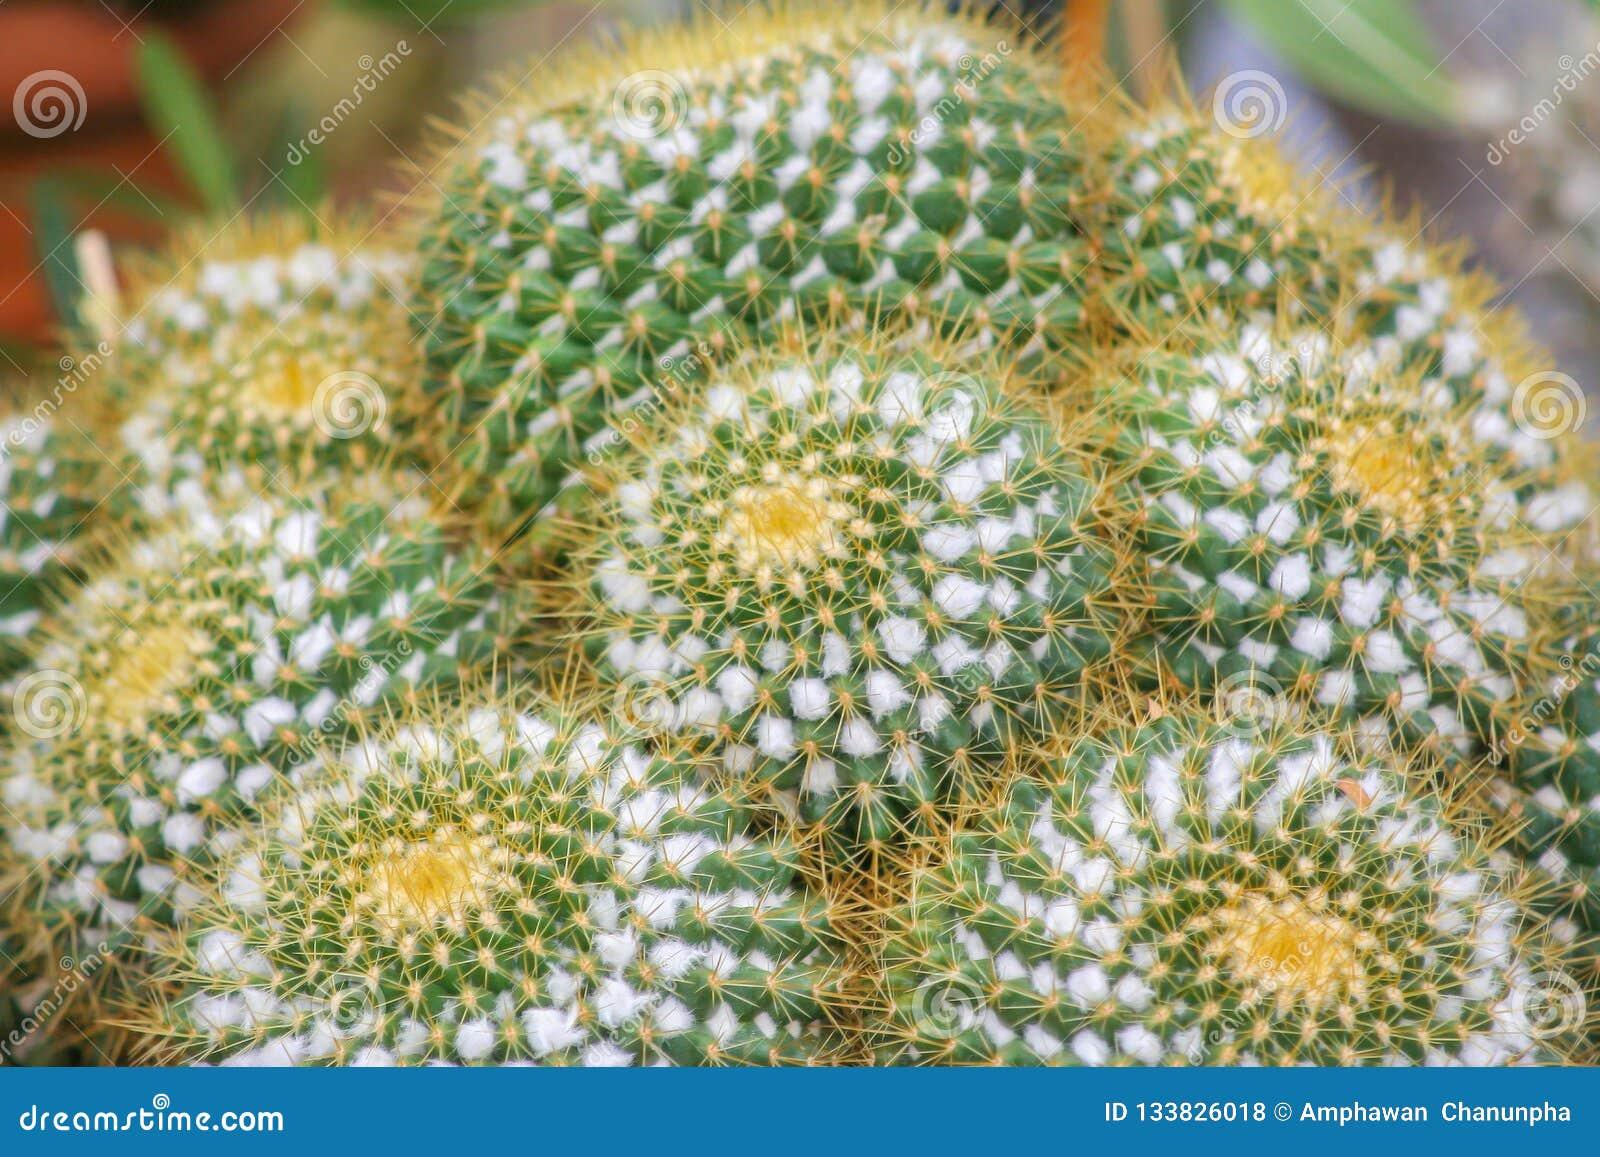 Grusonii Echinocactus ή χρυσός κάκτος βαρελιών, διακοσμητικές εγκαταστάσεις δοχείων